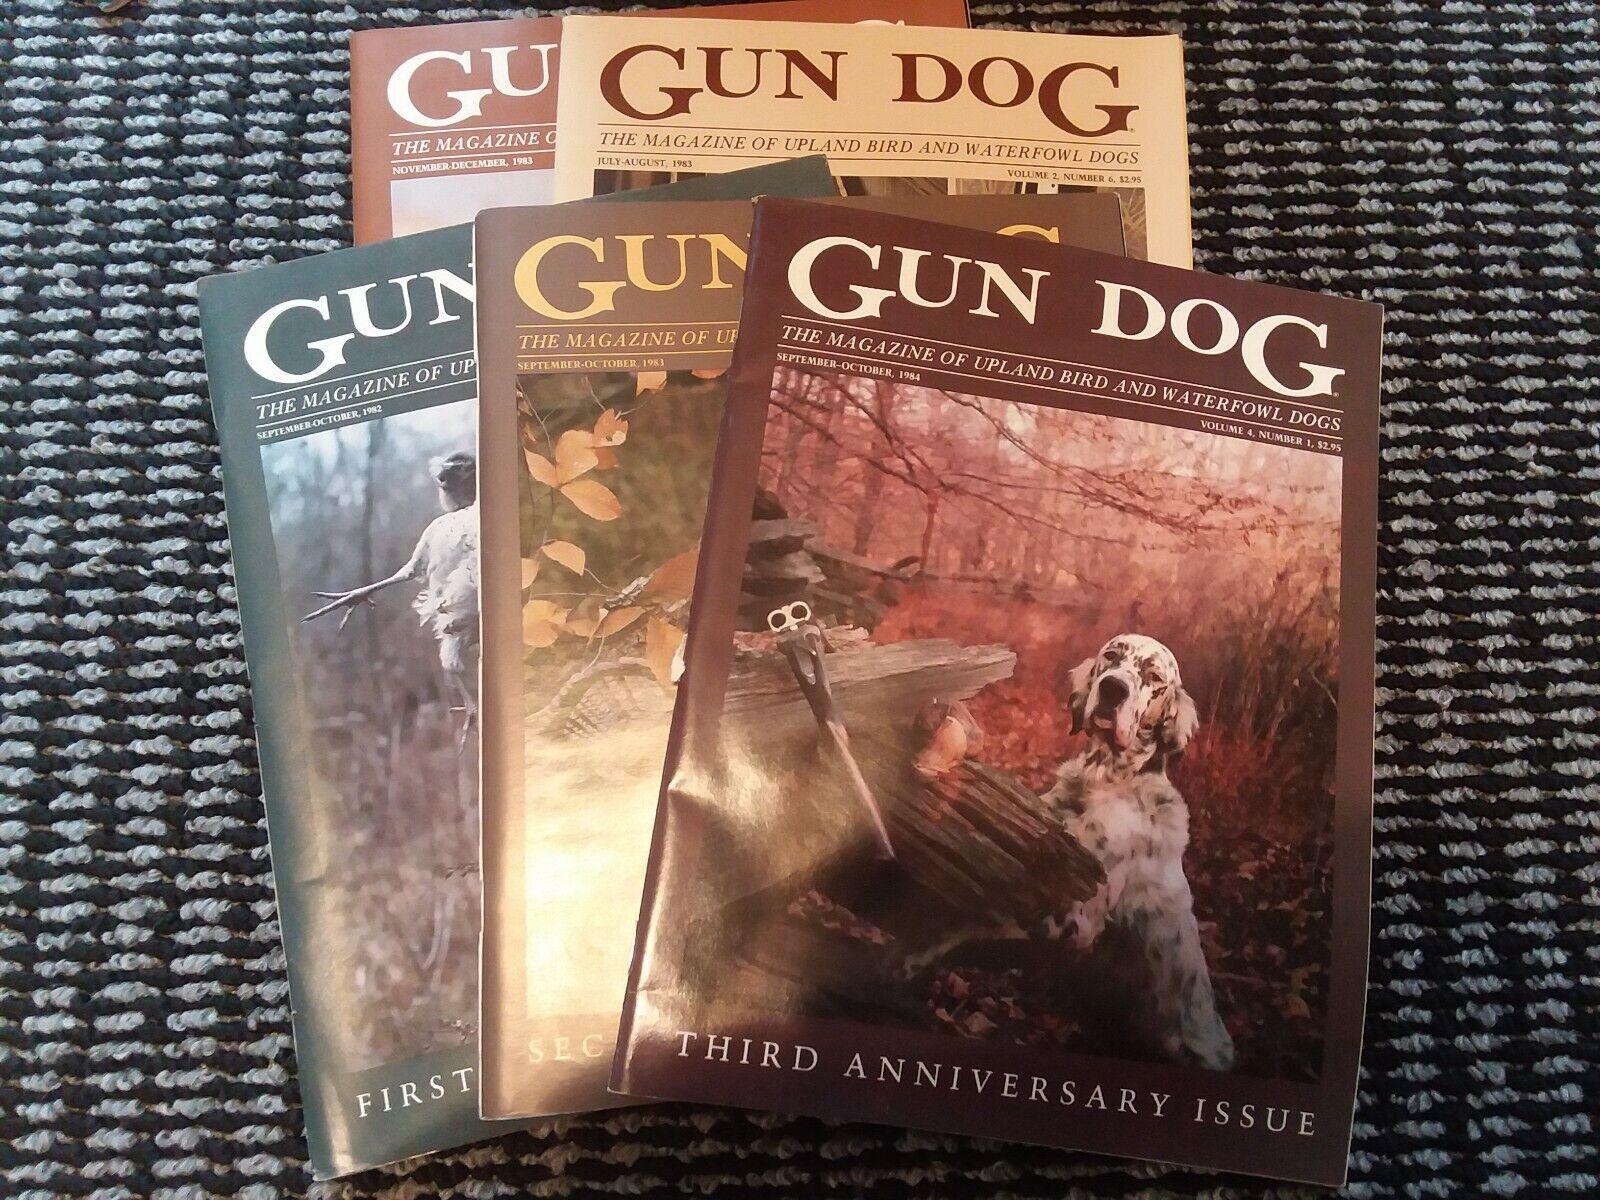 1982 1983 1984 pistola Perro Revistas aniversario 1 2 3 + Bonus 2 Revistas  de Colección